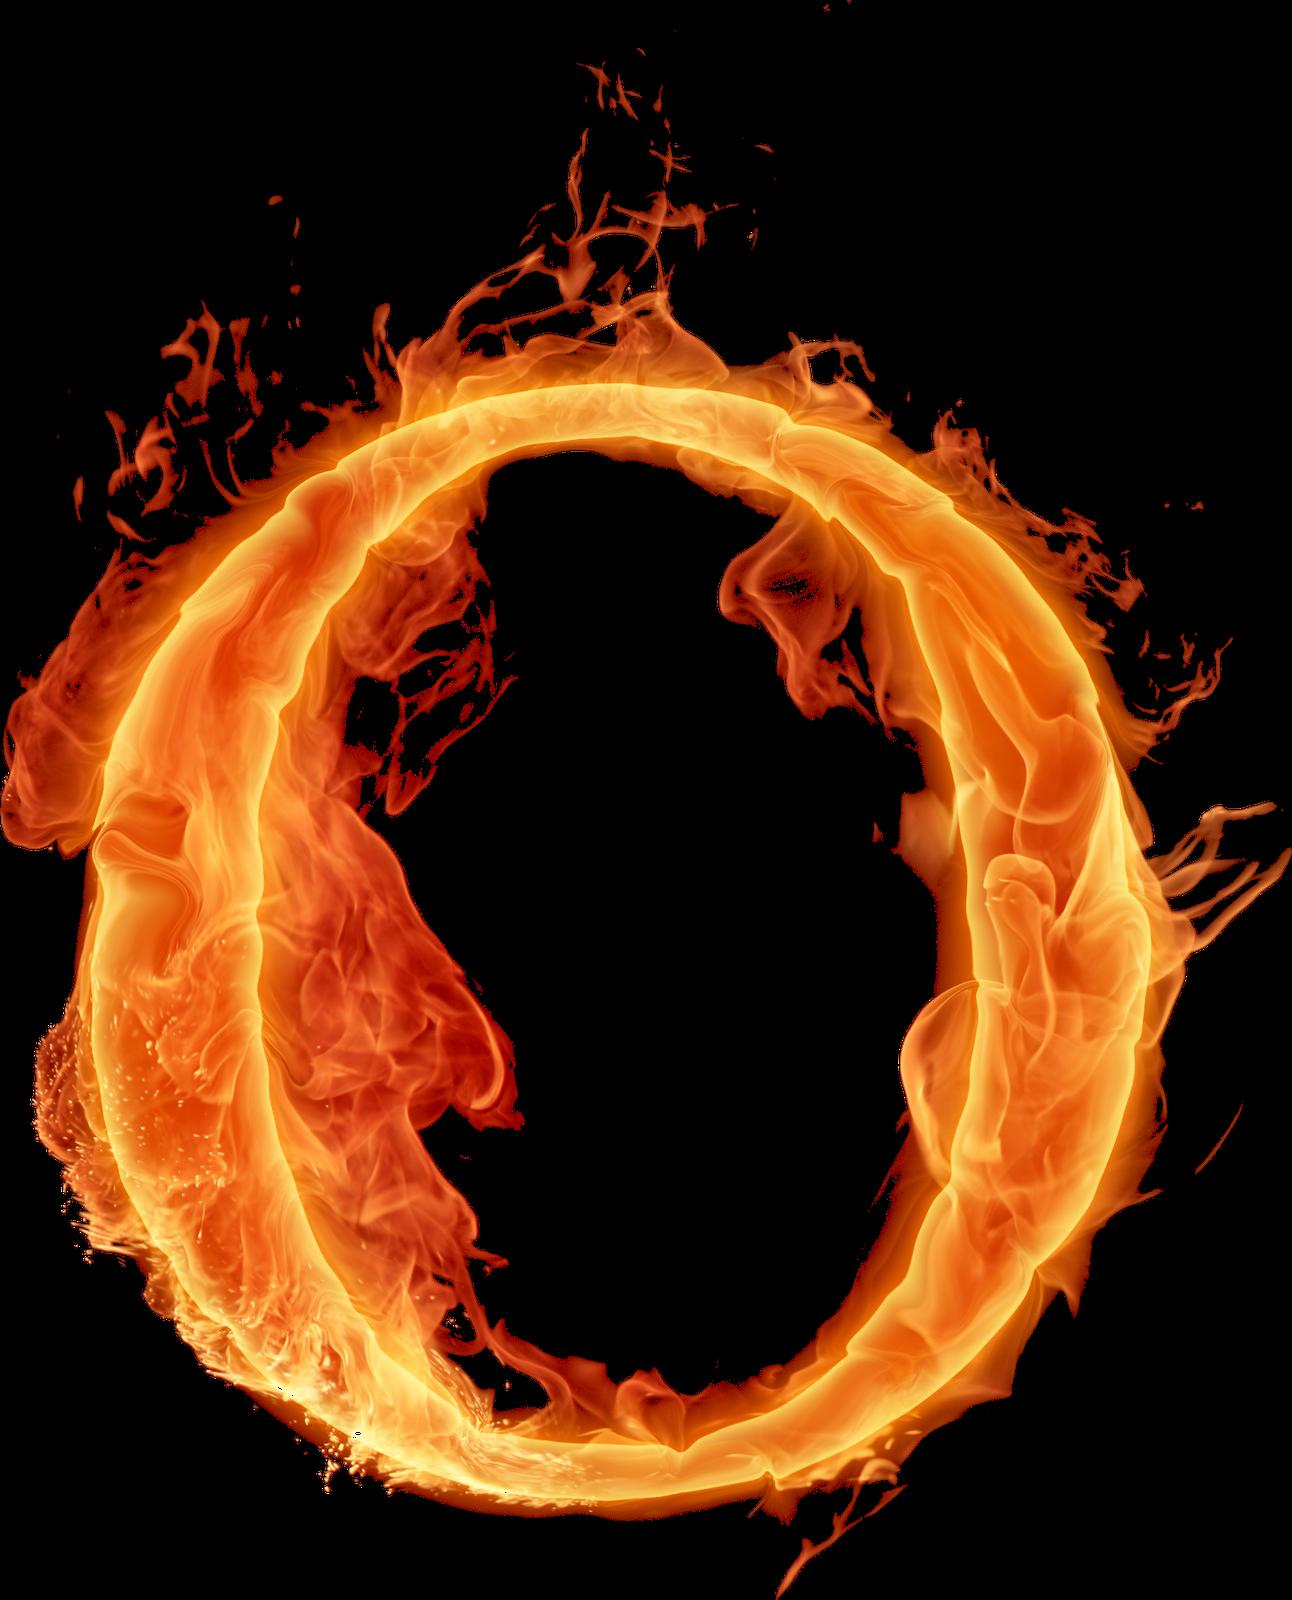 http://www.alfabetoslindos.com/2018/07/alfabeto-em-png-fogo-o.html